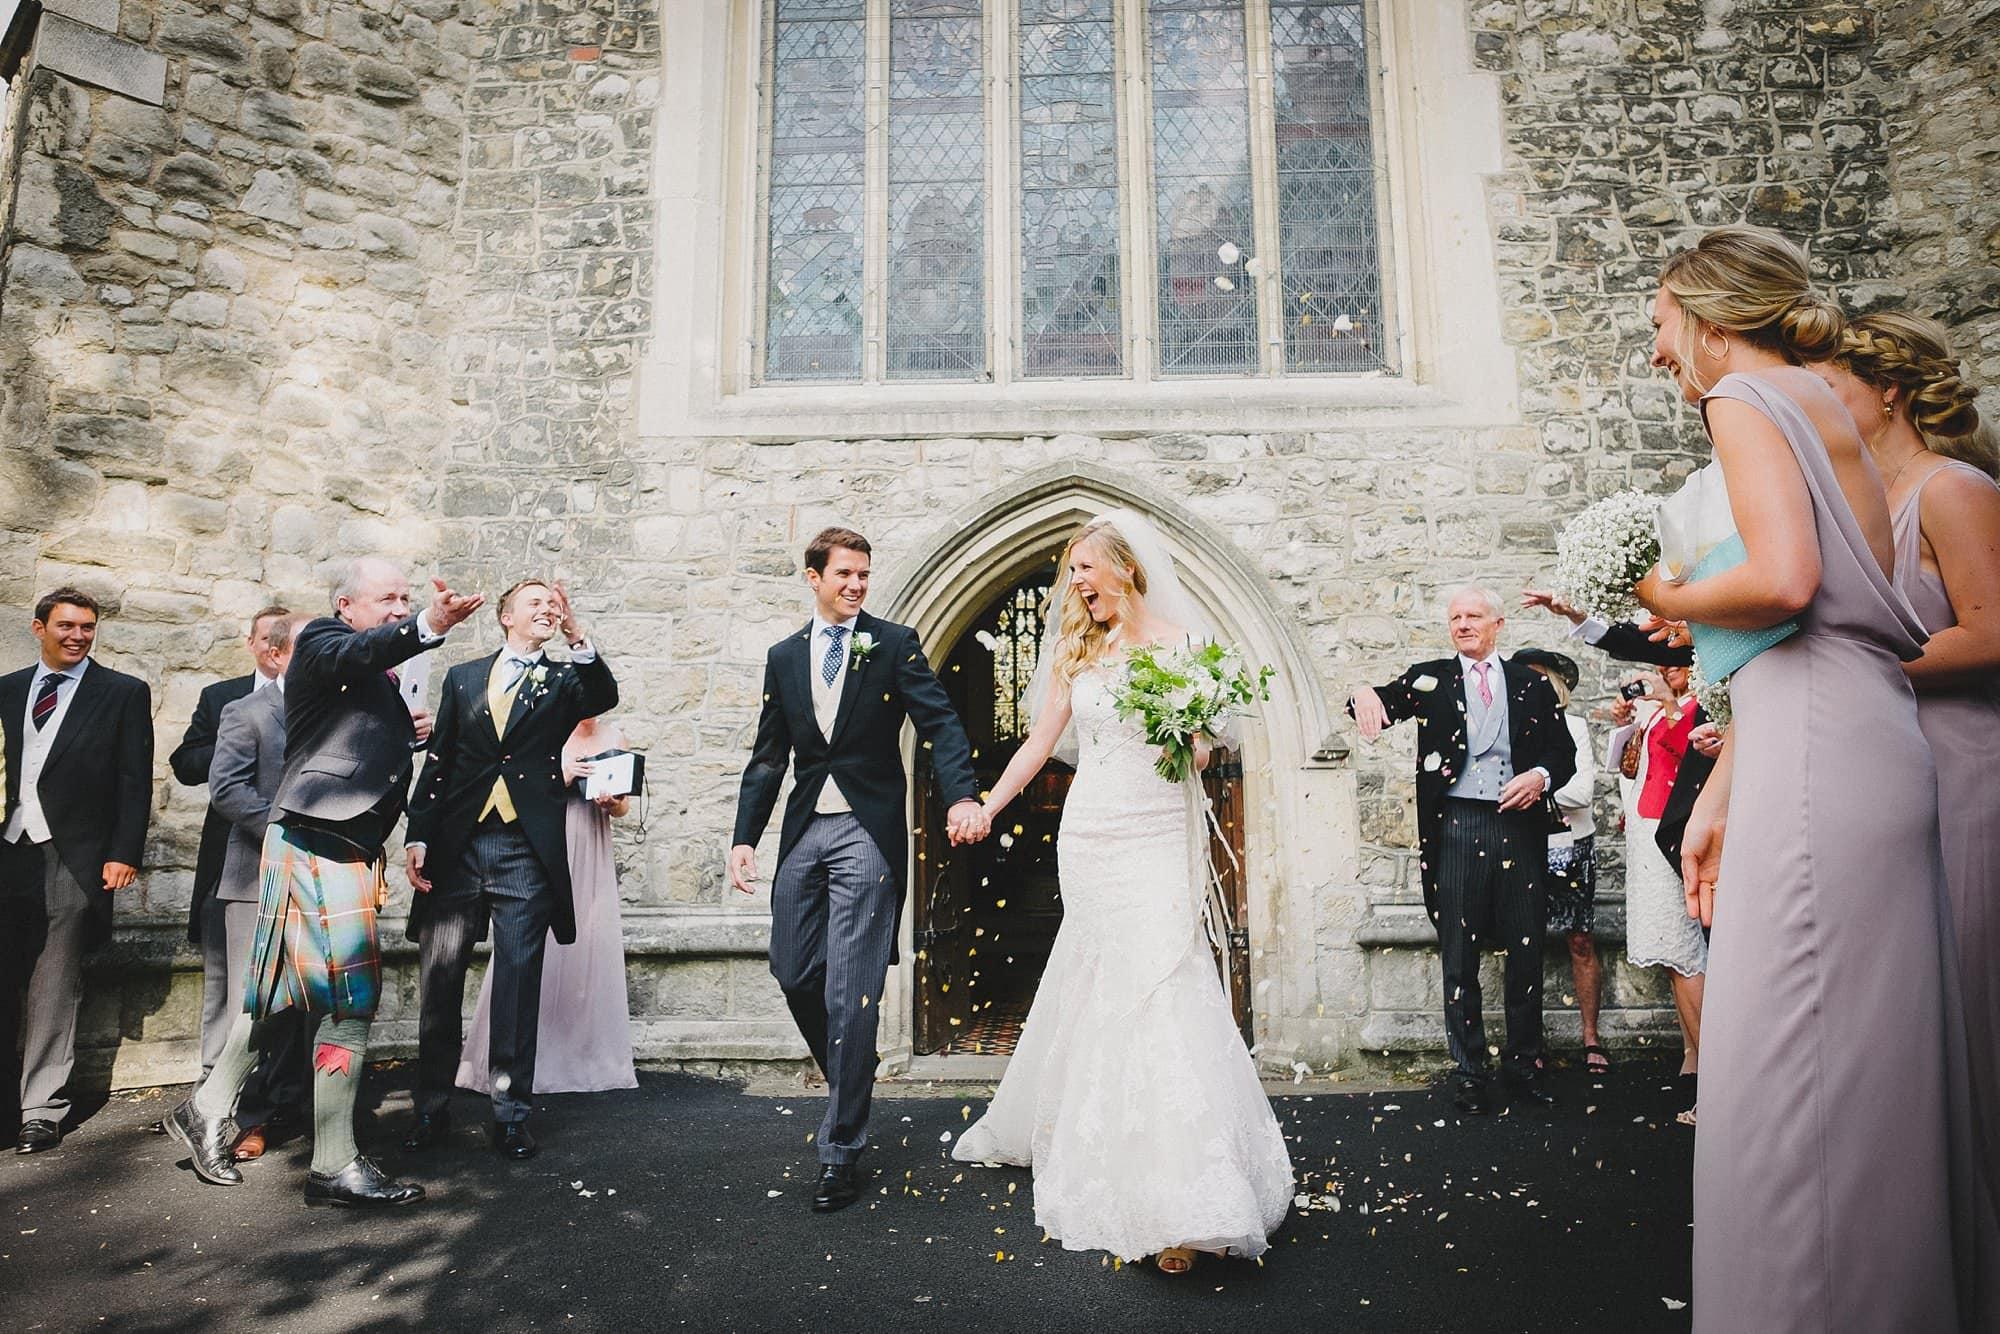 fulham palace wedding photographer 040 - Rosanna + Duncan | Fulham